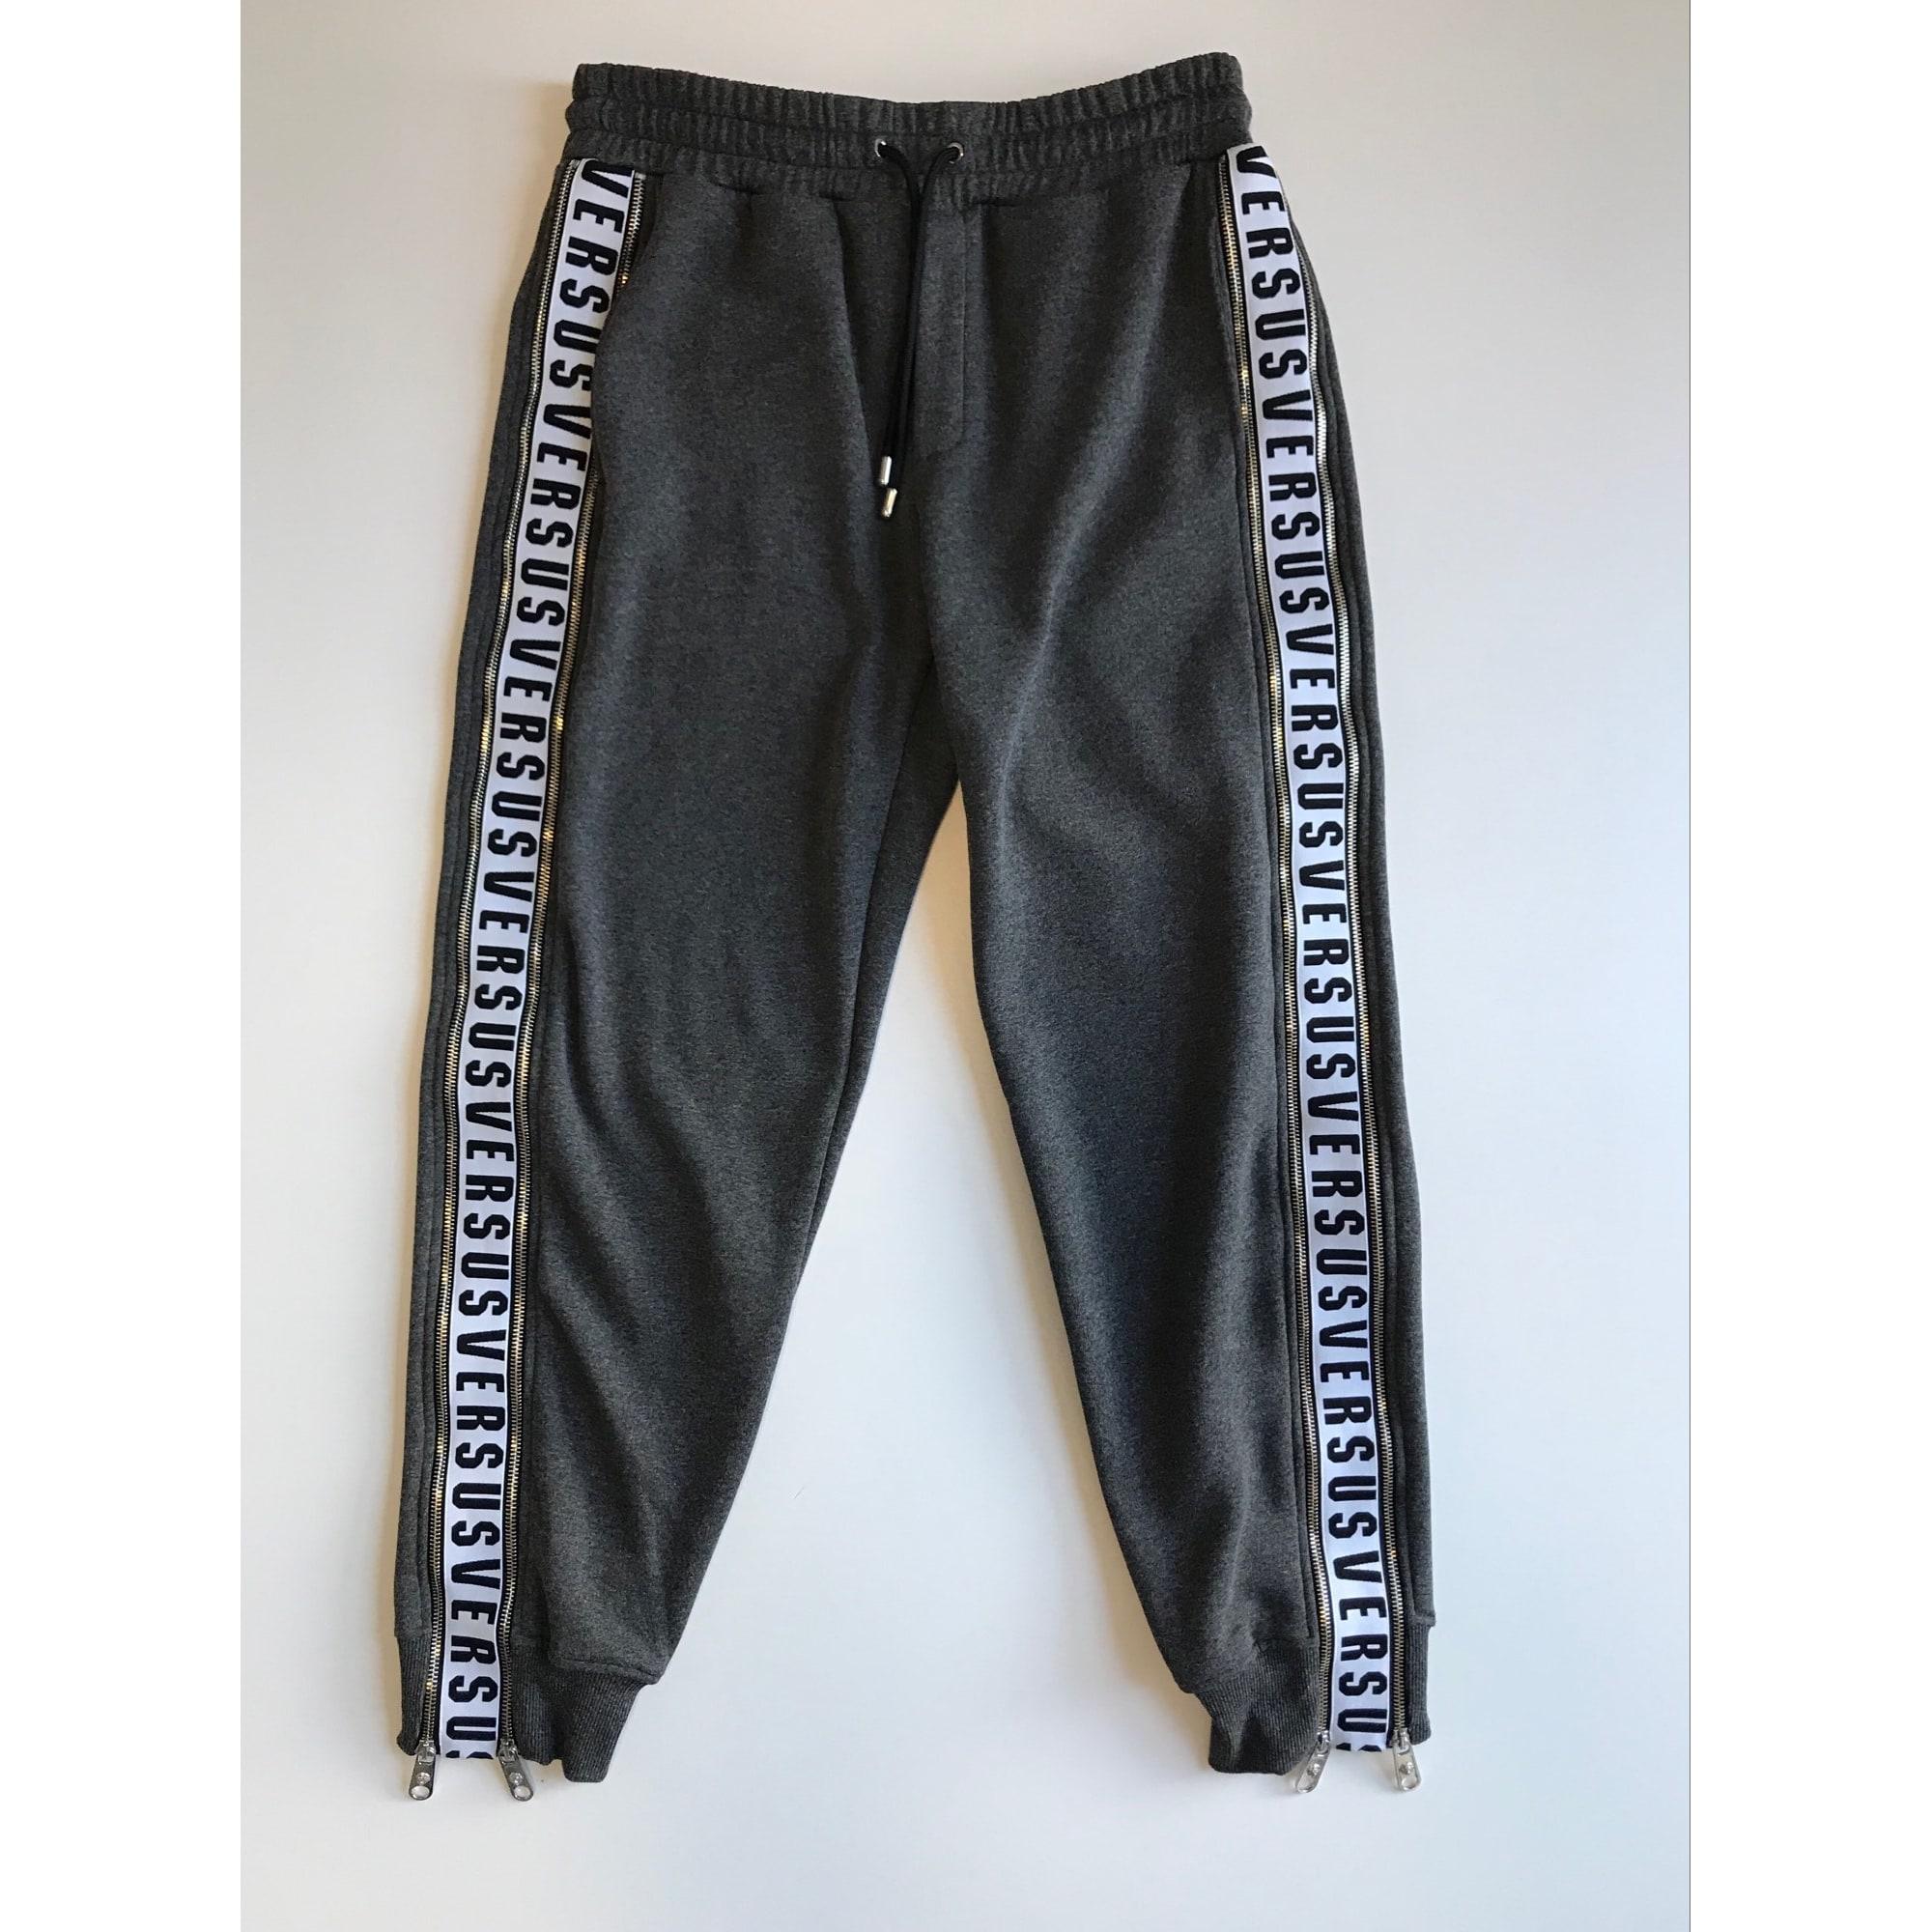 423fefe9fc55 Pantalon de survêtement VERSUS VERSACE 52 (L) gris - 7289678